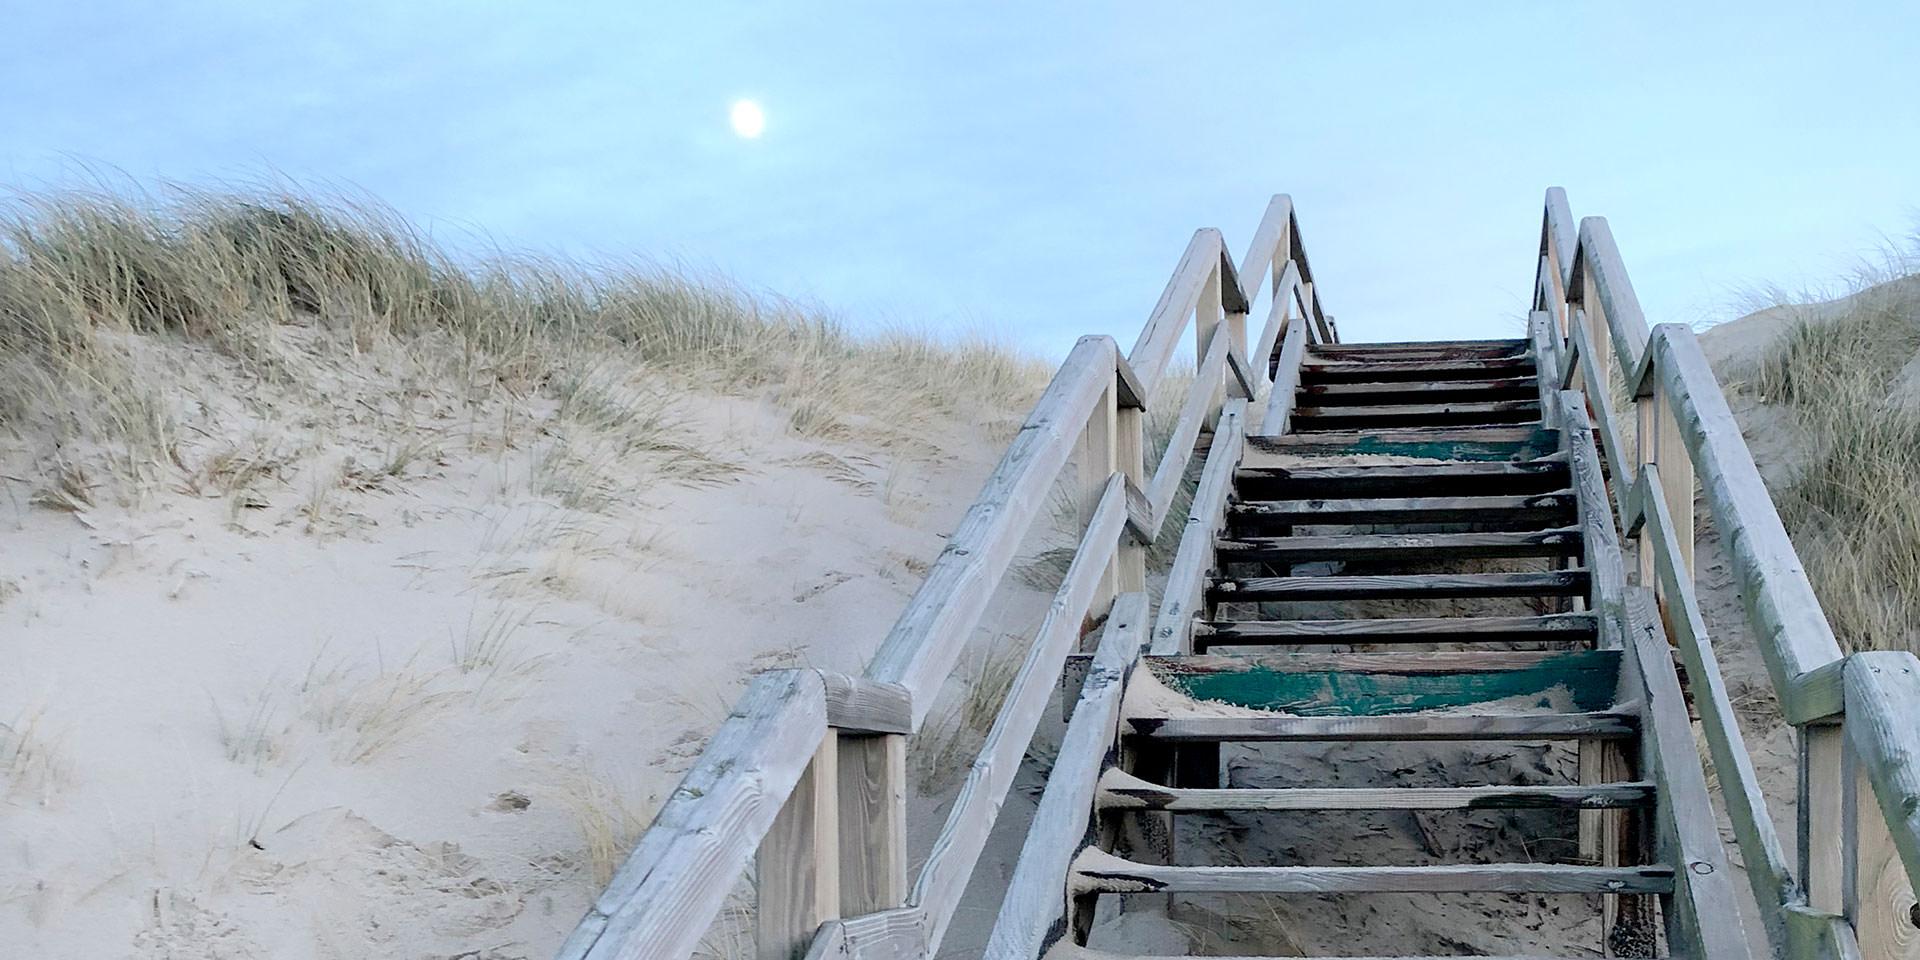 Holztreppe in den Dünen am Strand